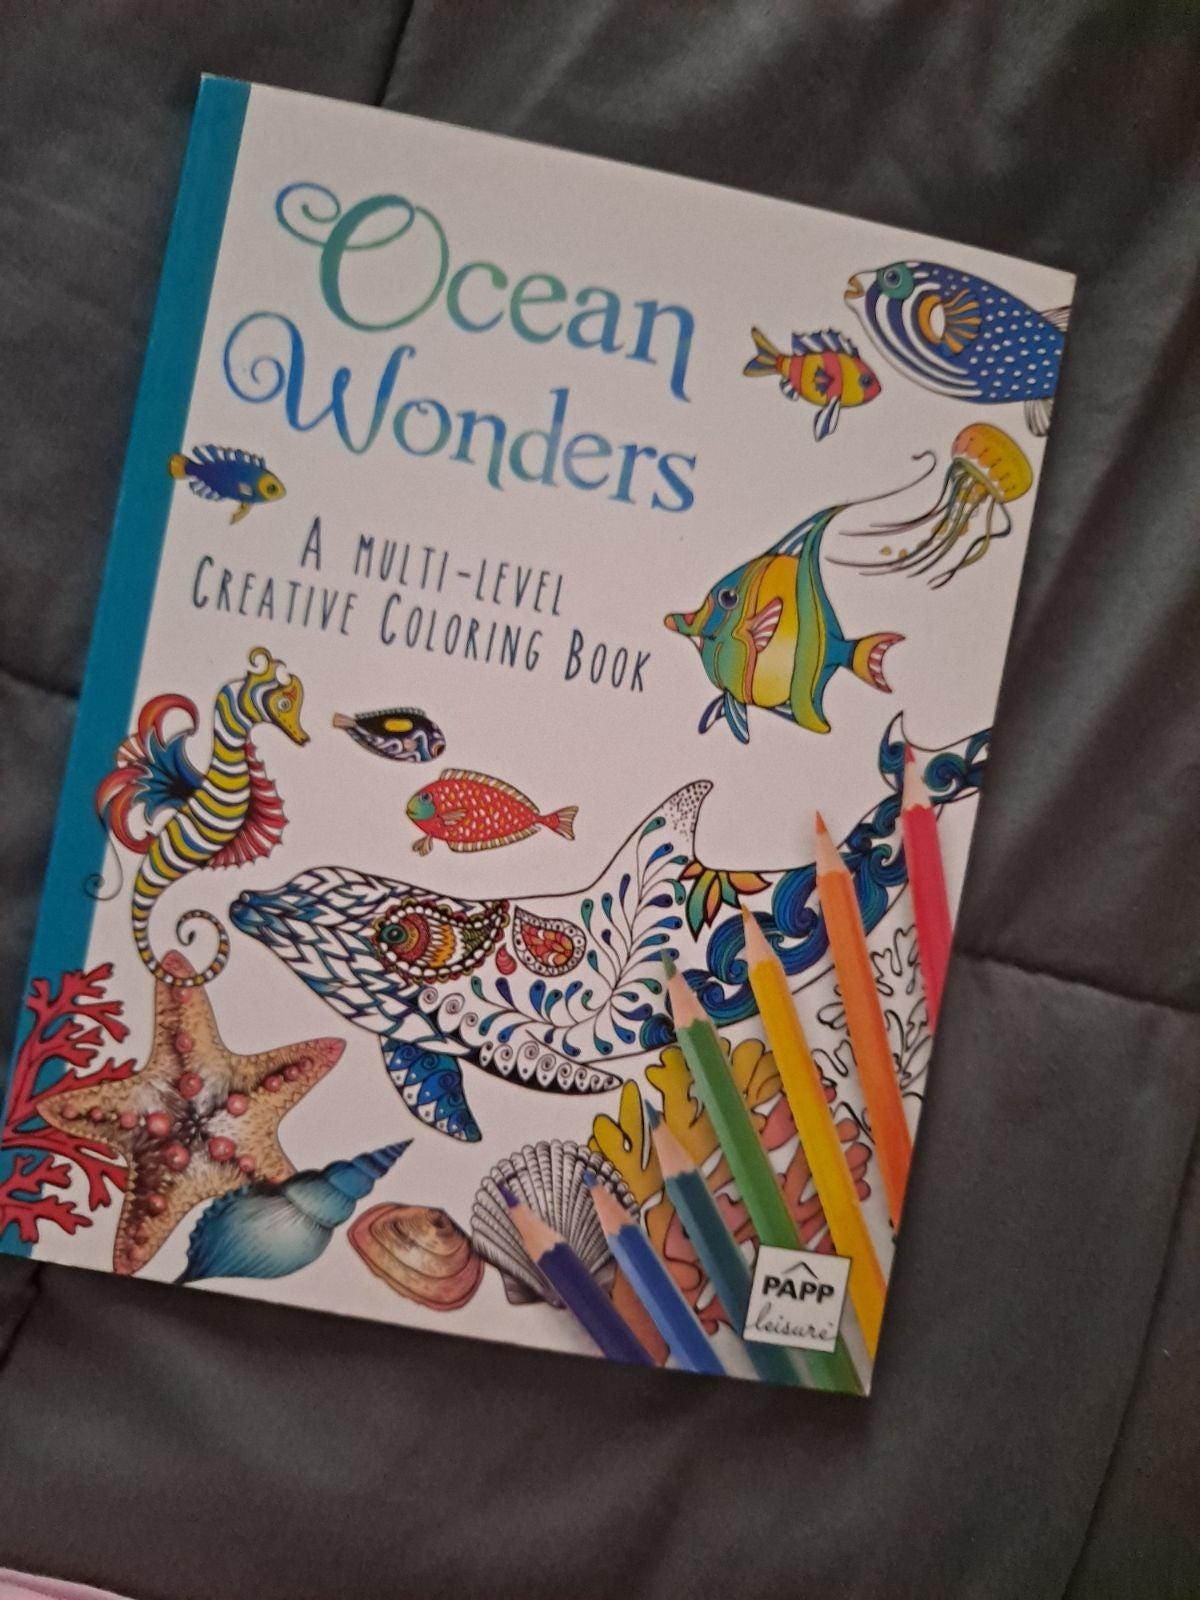 Ocean wonders coloring book